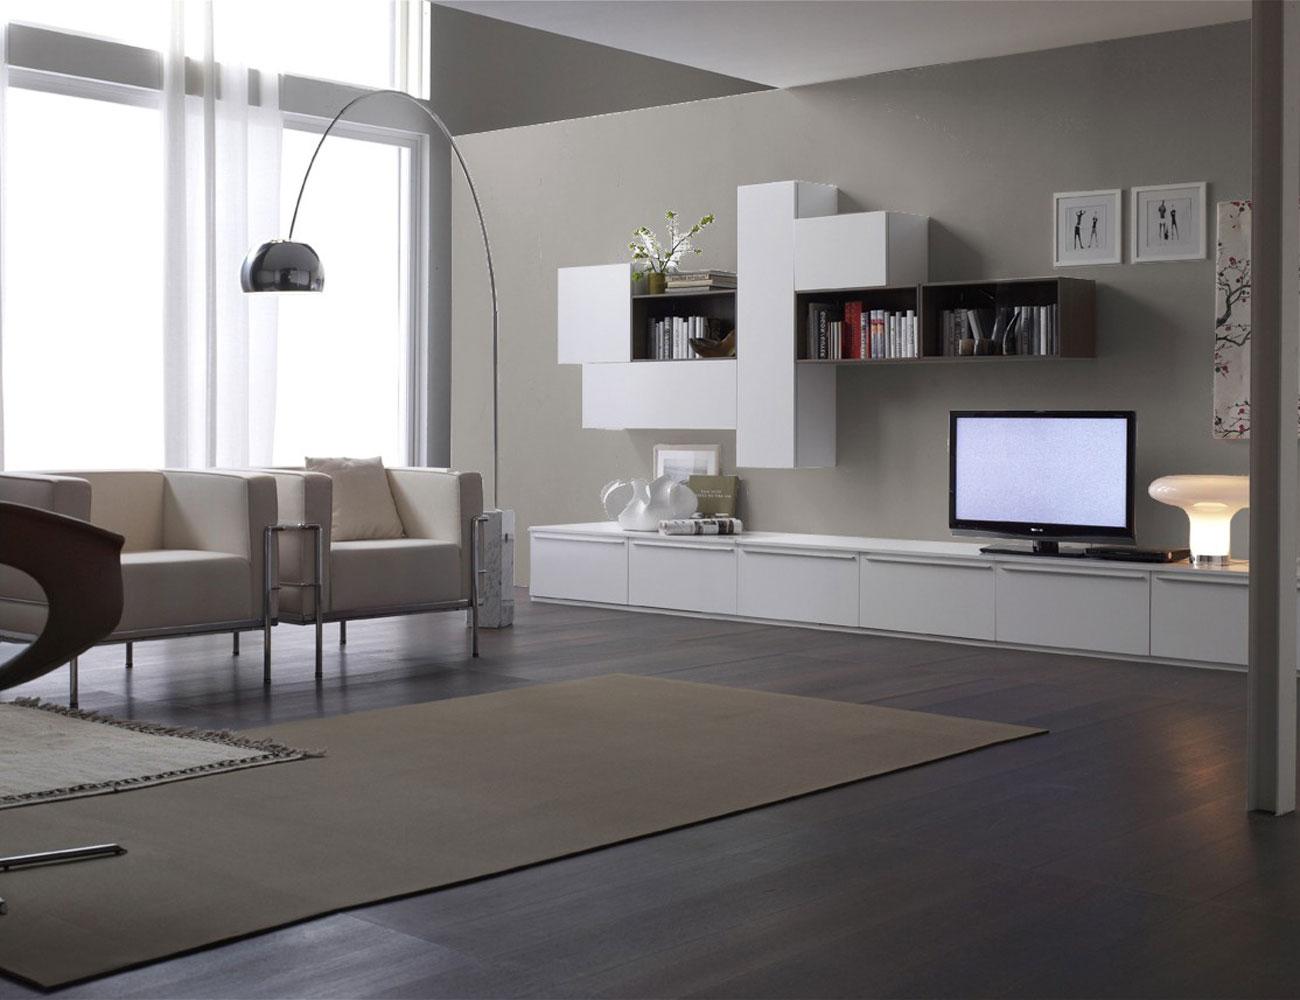 Lambri arredamenti vendita mobili classici di design e for Arredamenti guardamiglio